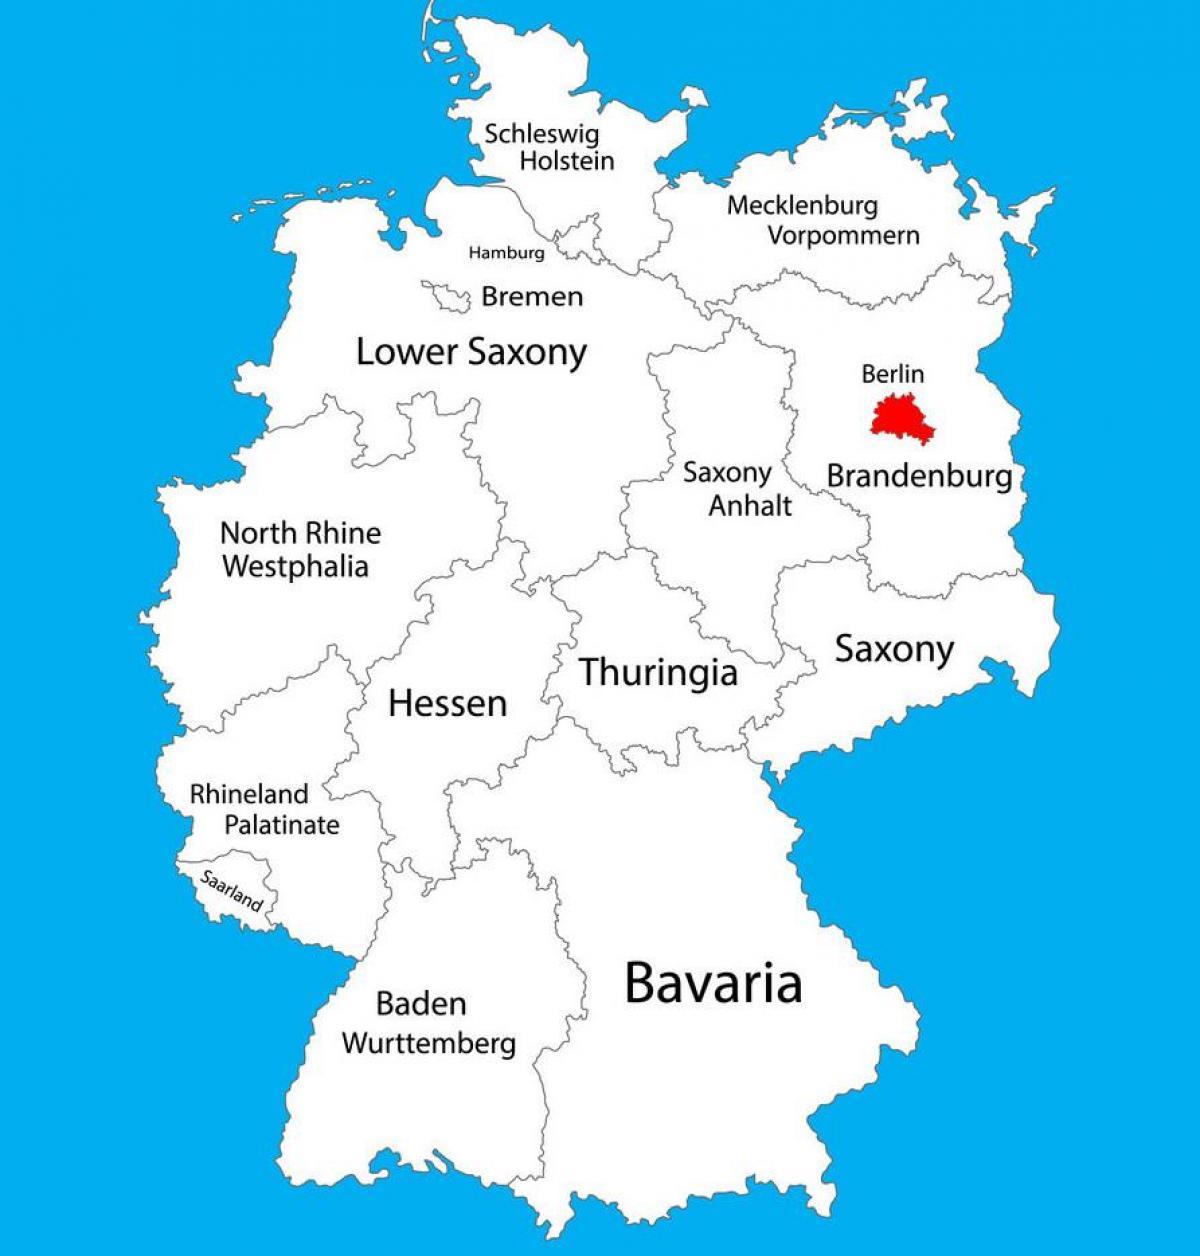 Berlin Niemcy Mapa Niemiec Pokazuje Berlin Niemcy